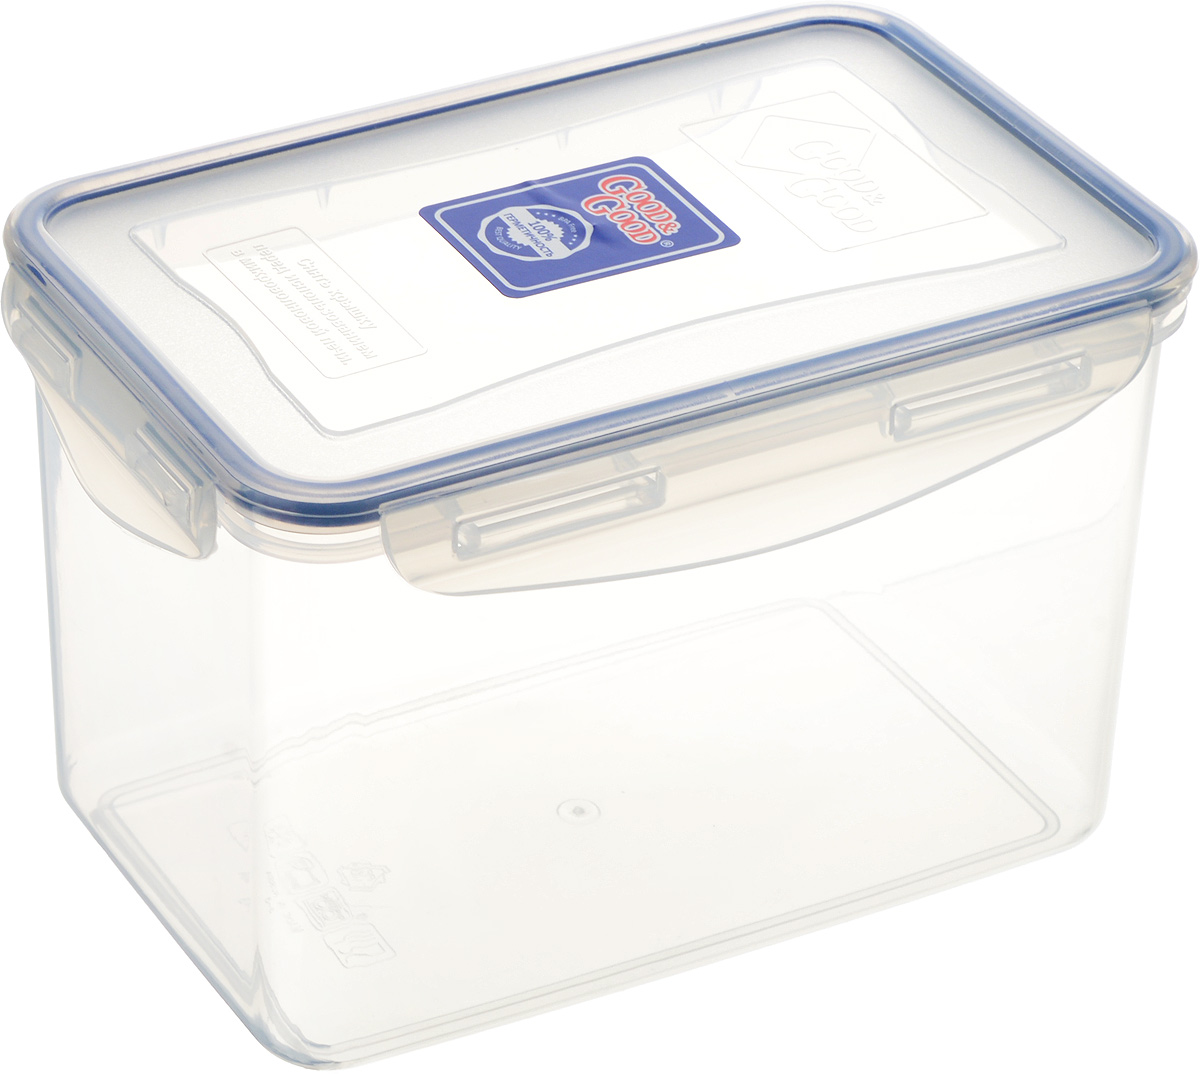 Контейнер пищевой Good&Good, цвет: прозрачный, темно-синий, 2,2 л контейнер good